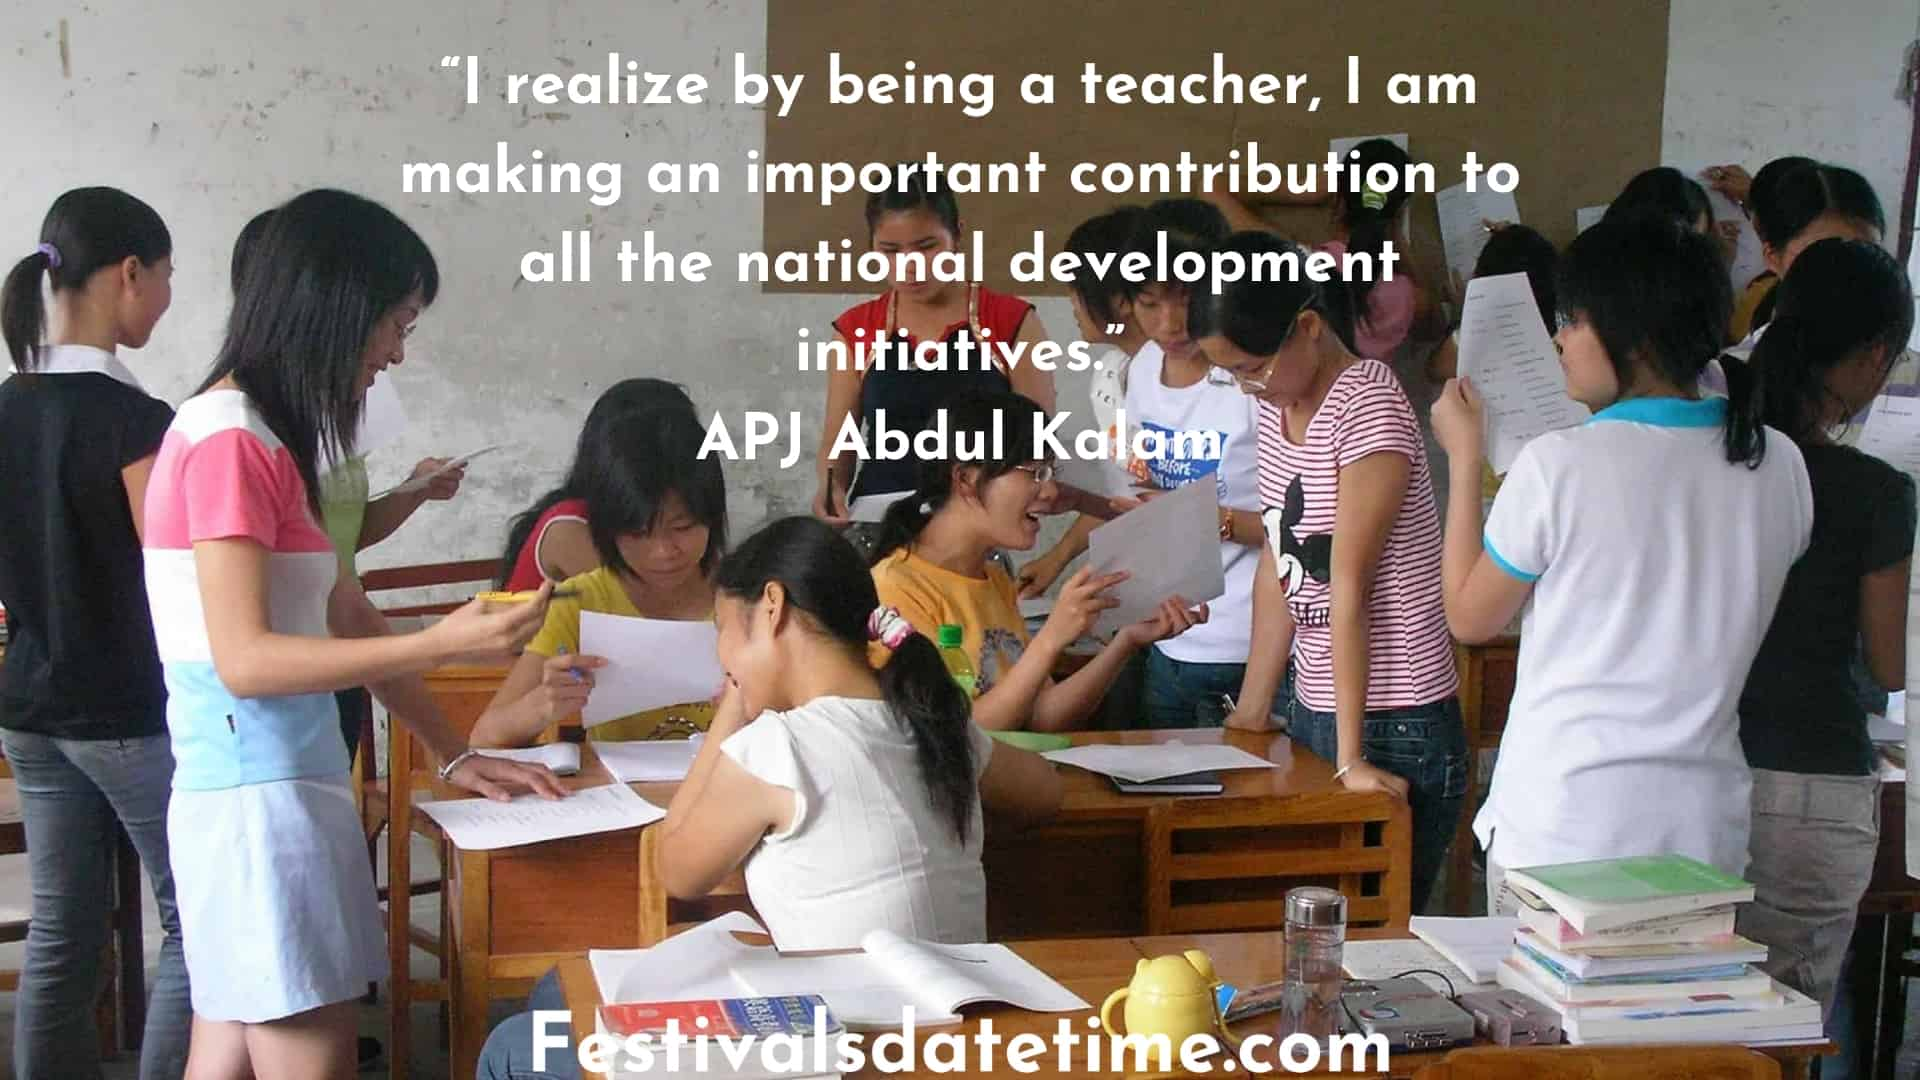 teachers_day_quotes_apj_abdul_kalam